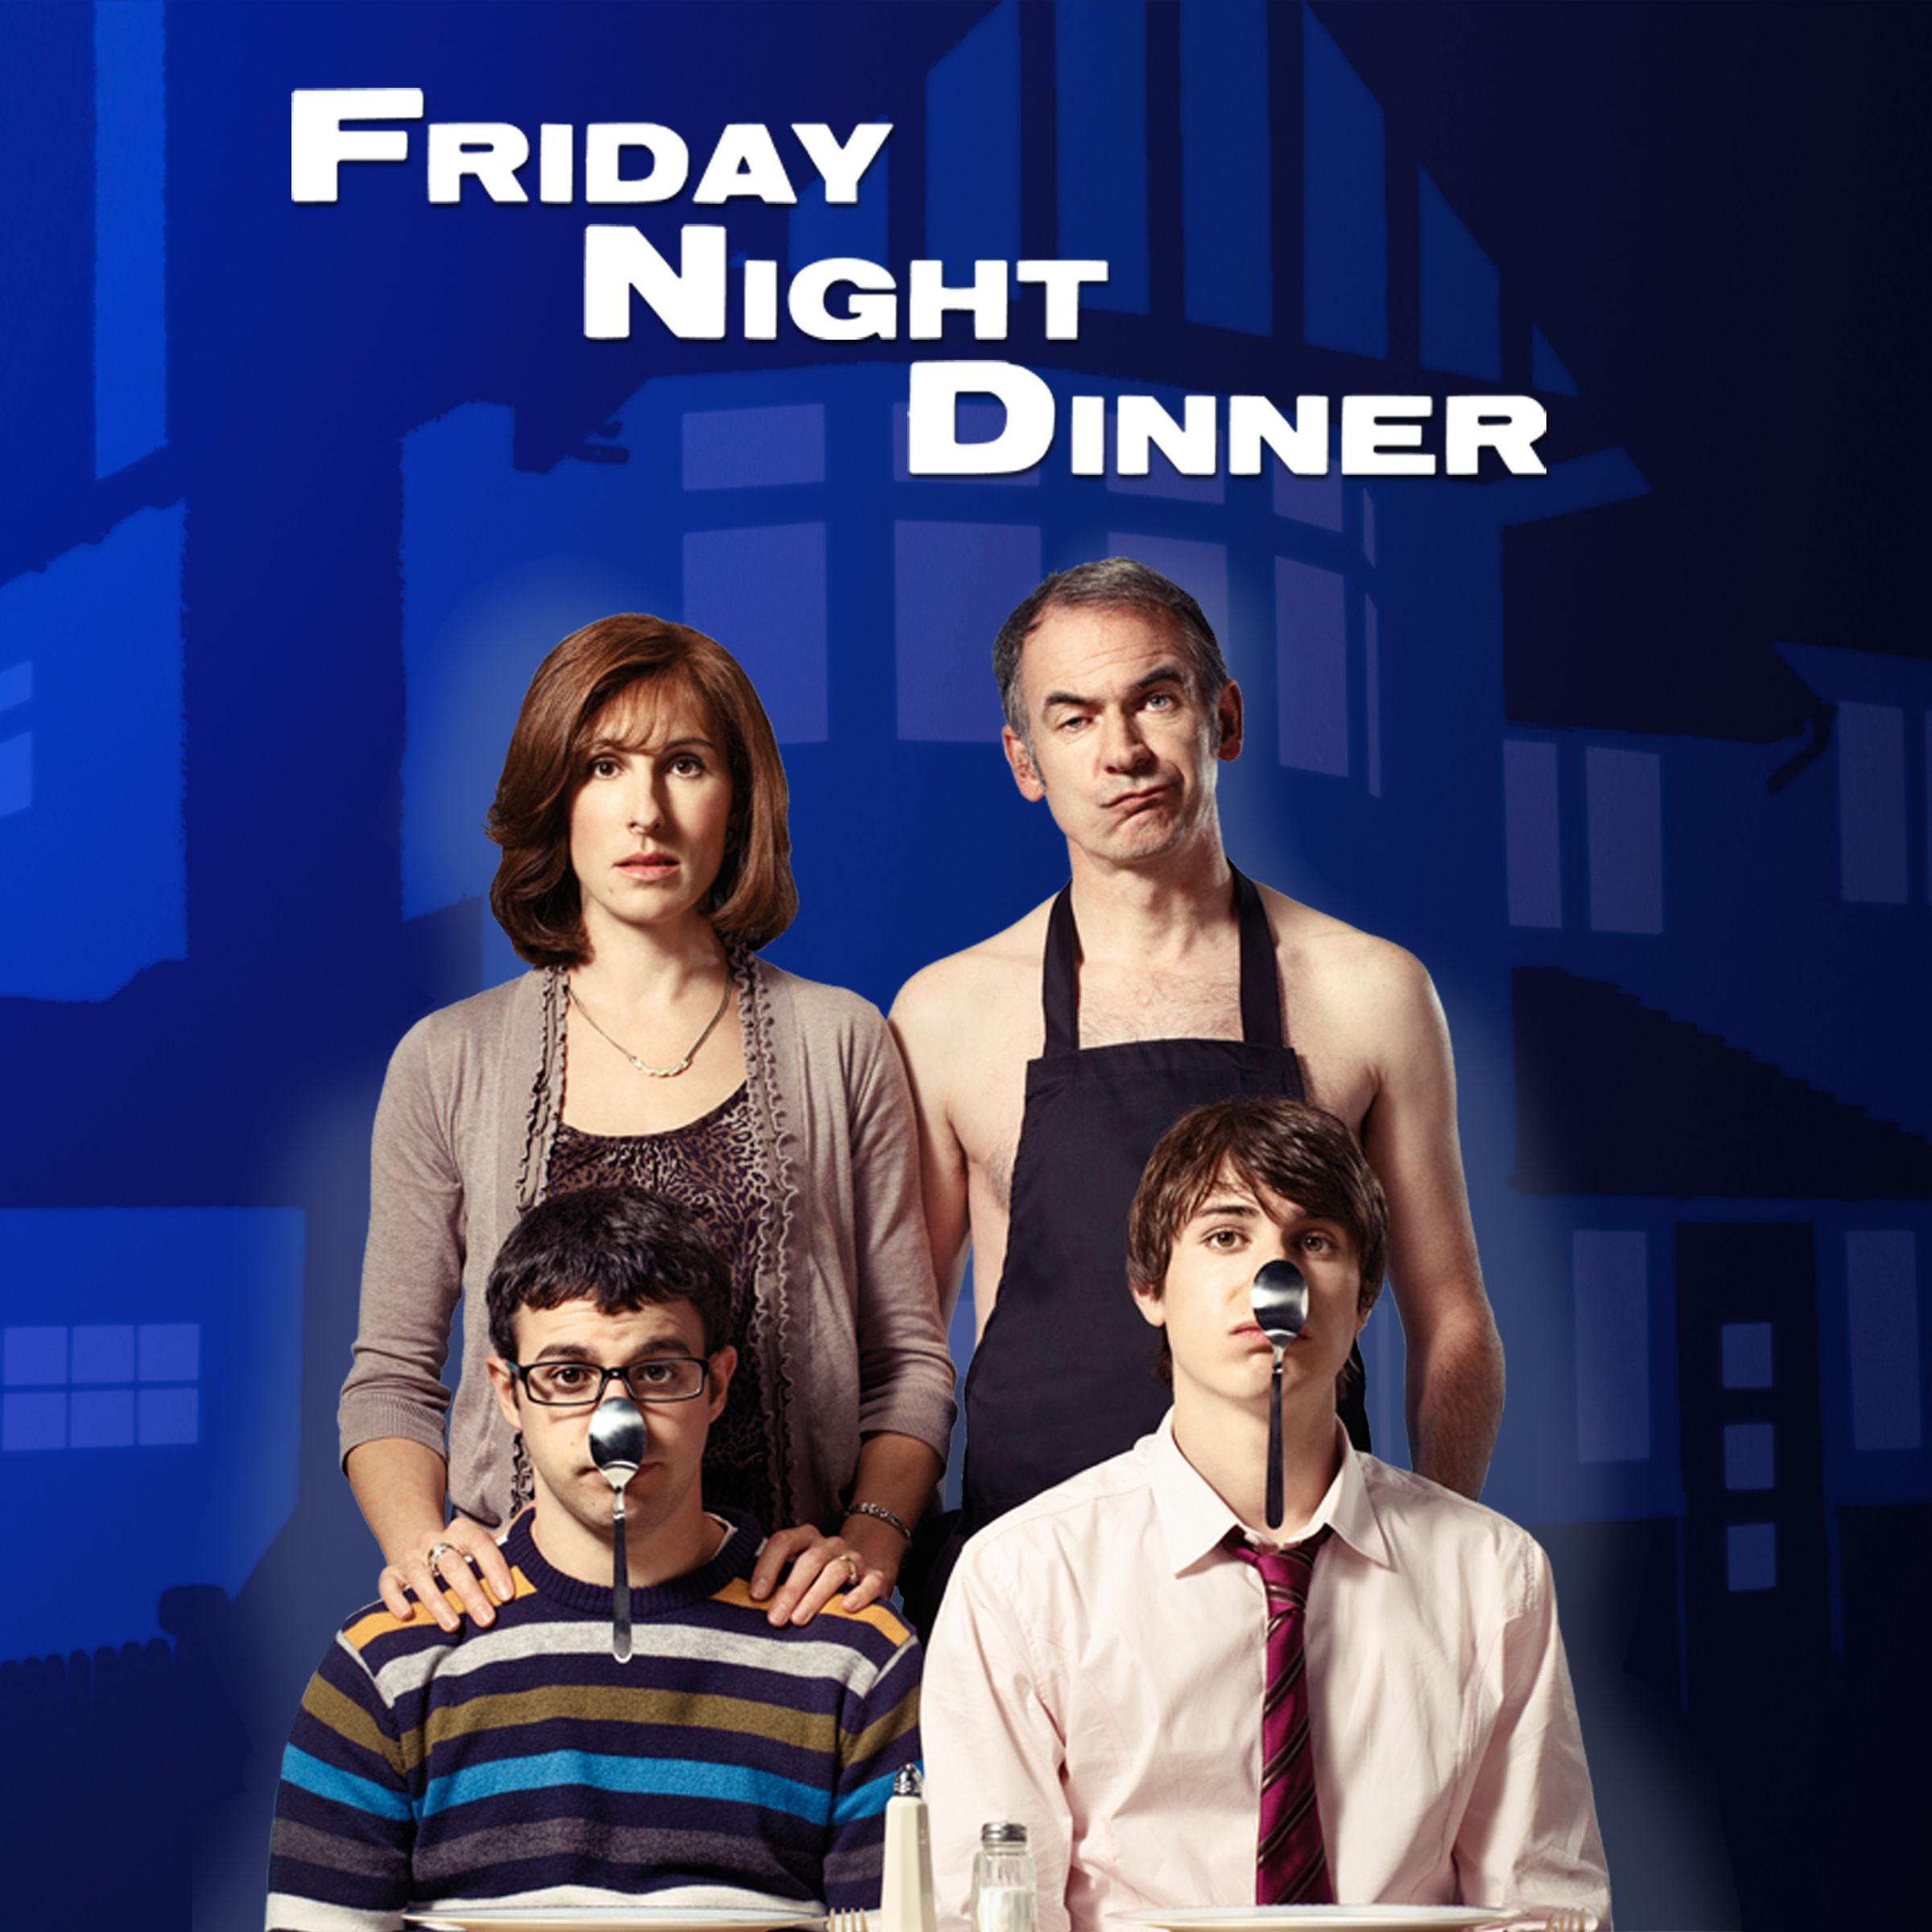 Friday Night Dinner  Friday Night Dinner Series 1 on iTunes